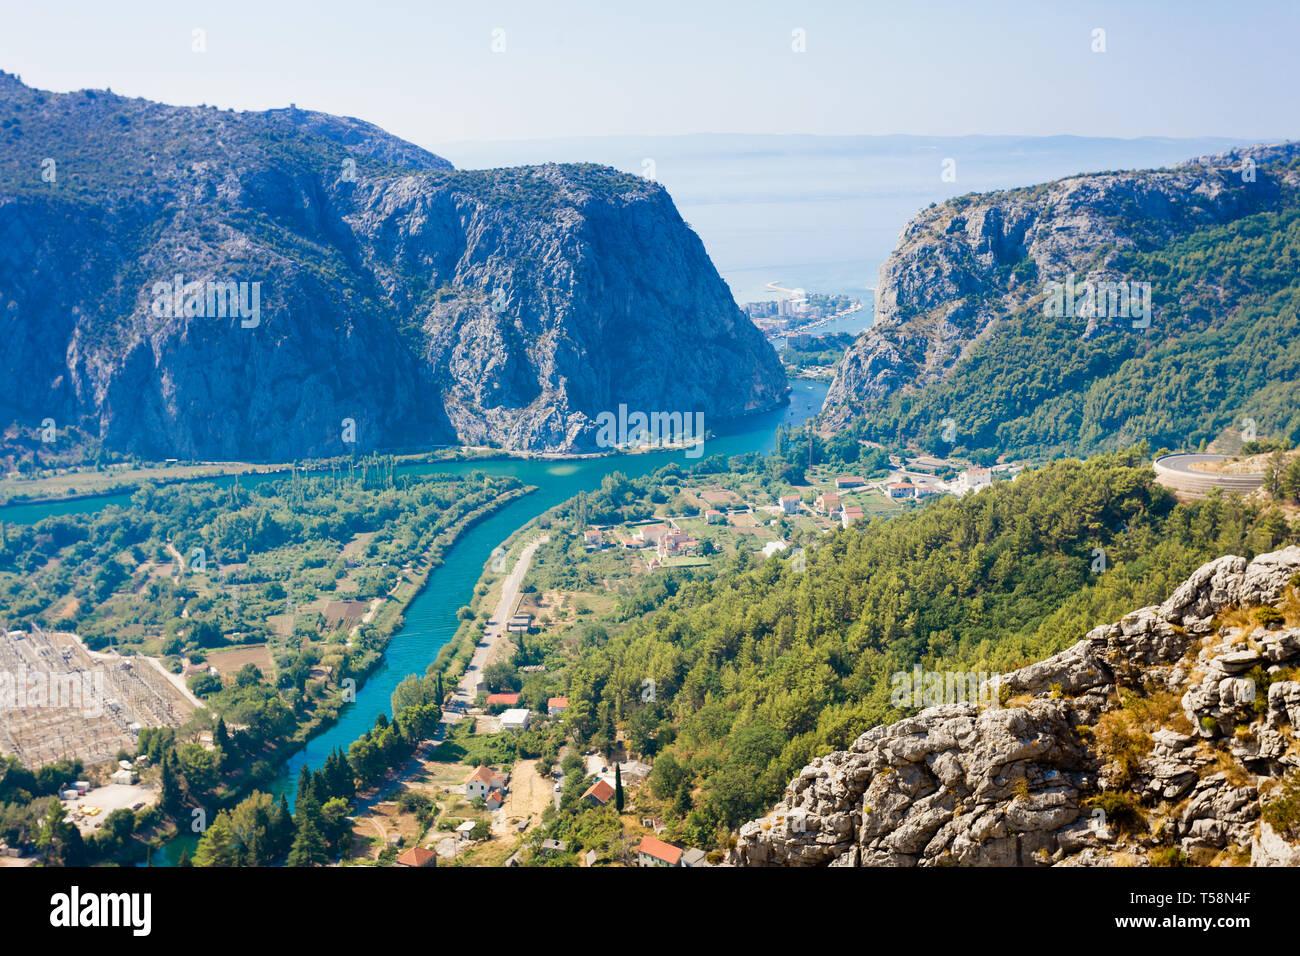 Omis, Kroatien, Europa - die schöne Landschaft rund um die Berge von Omis in Kroatien Stockfoto